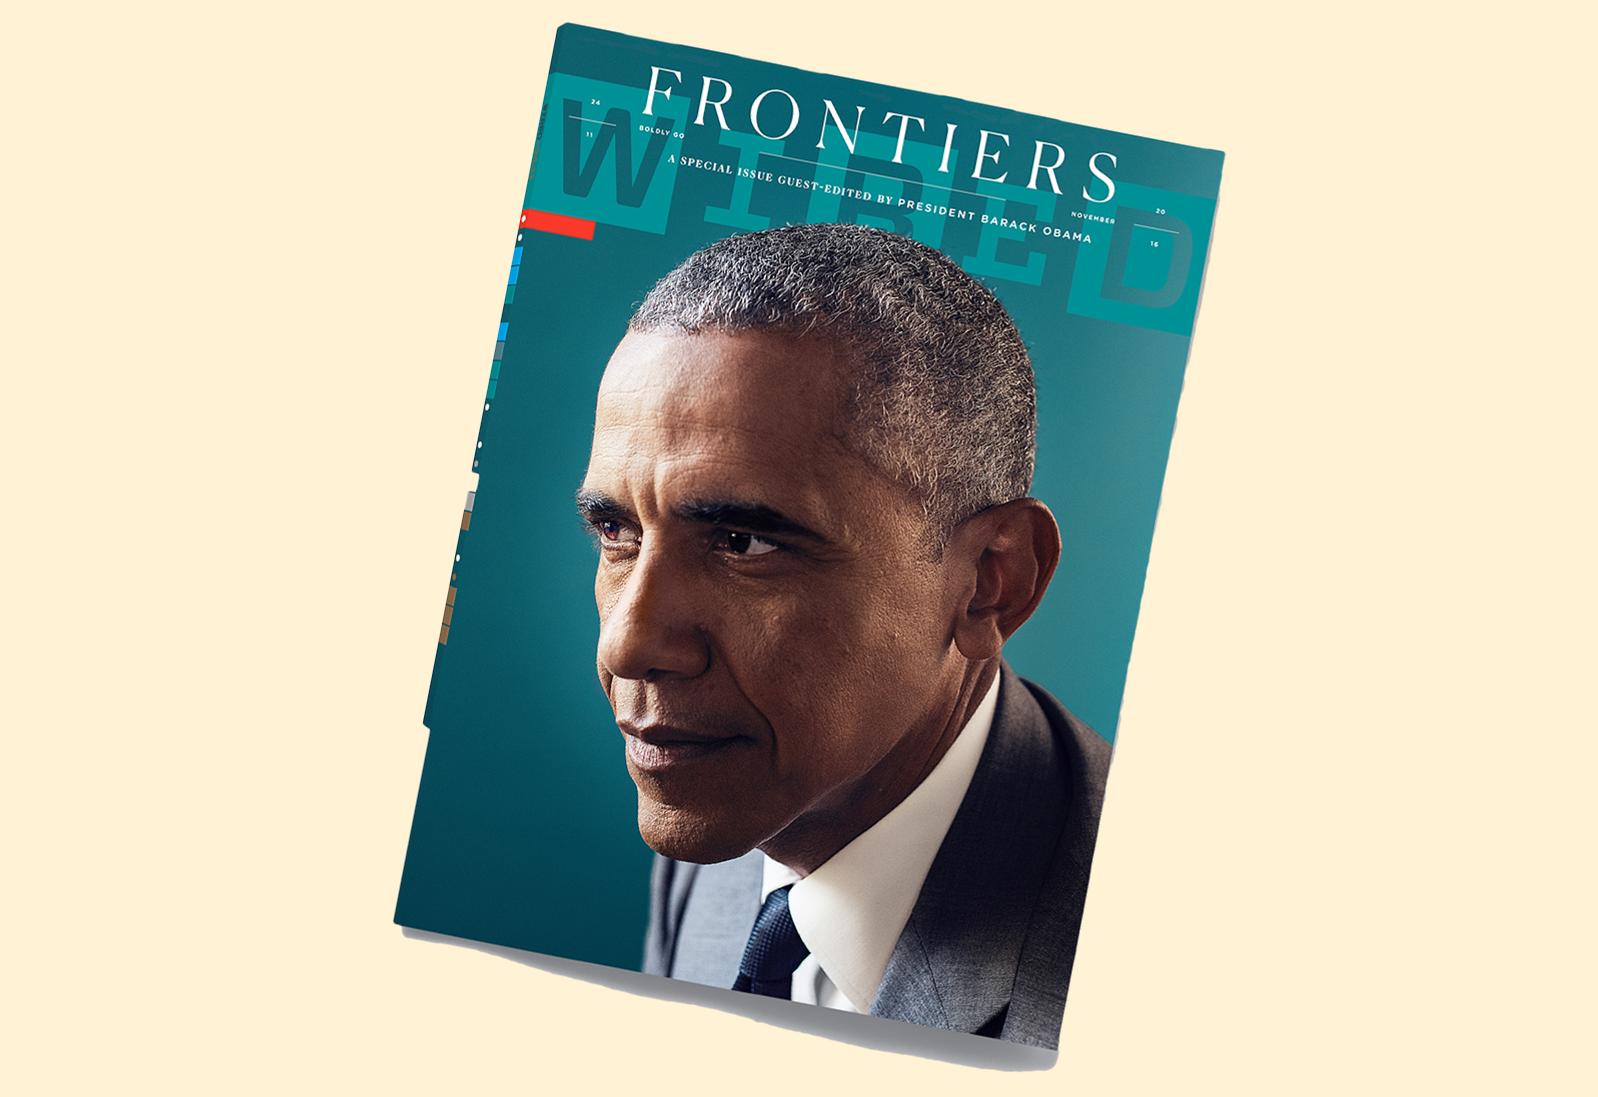 Het laatste werk van Sorrentino, een Wired-special met Barack Obama.